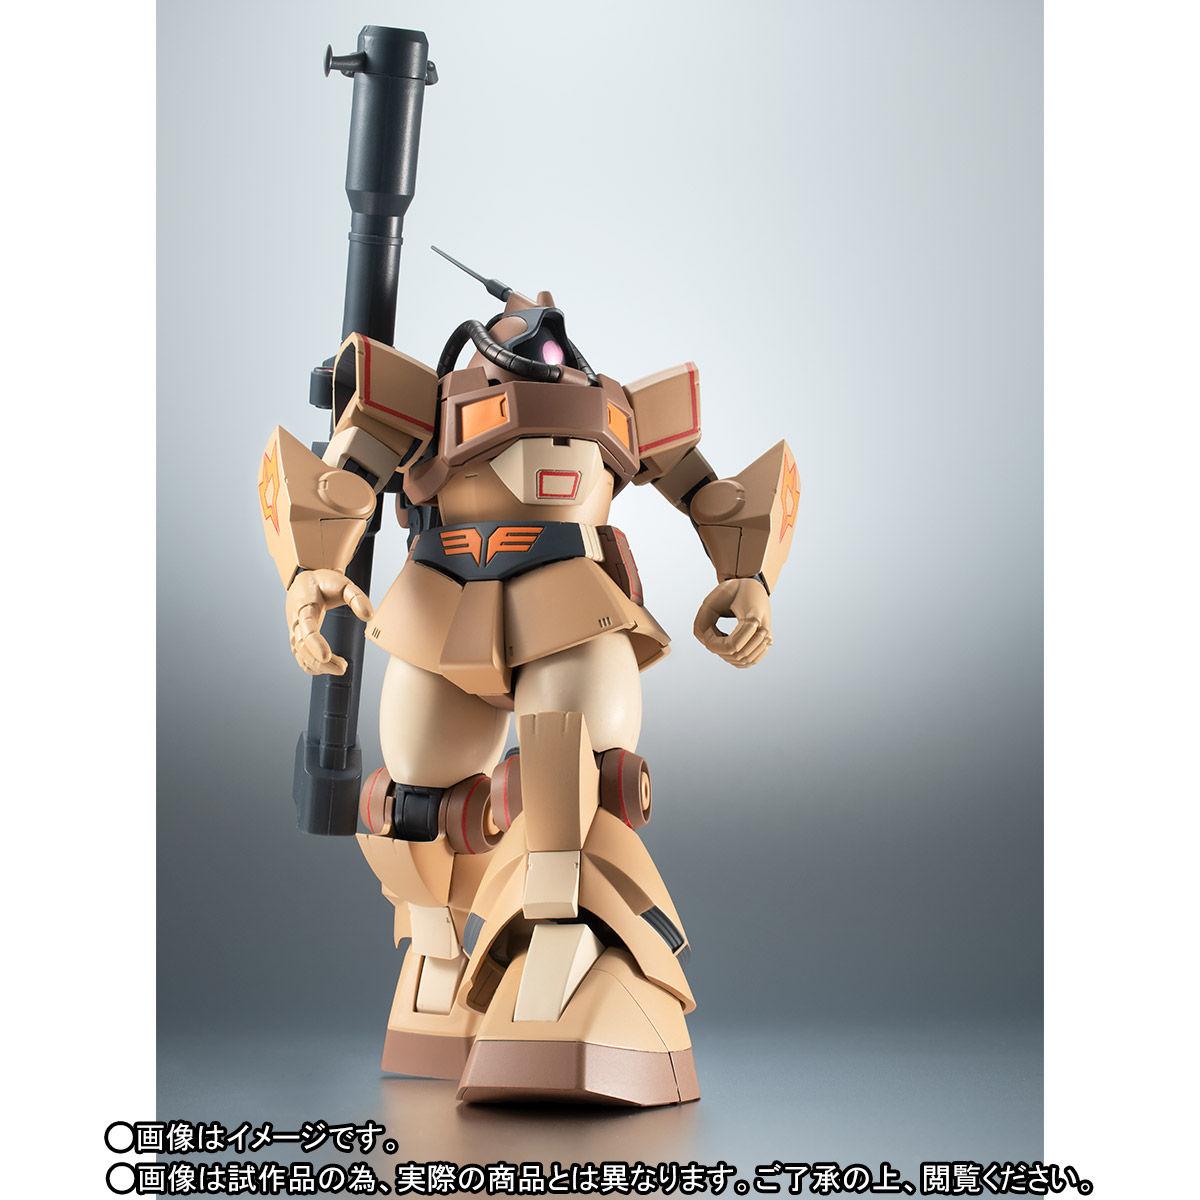 ROBOT魂〈SIDE MS〉『YMS-09D ドム・トロピカルテストタイプ ver. A.N.I.M.E.』ガンダムMSV 可動フィギュア-004